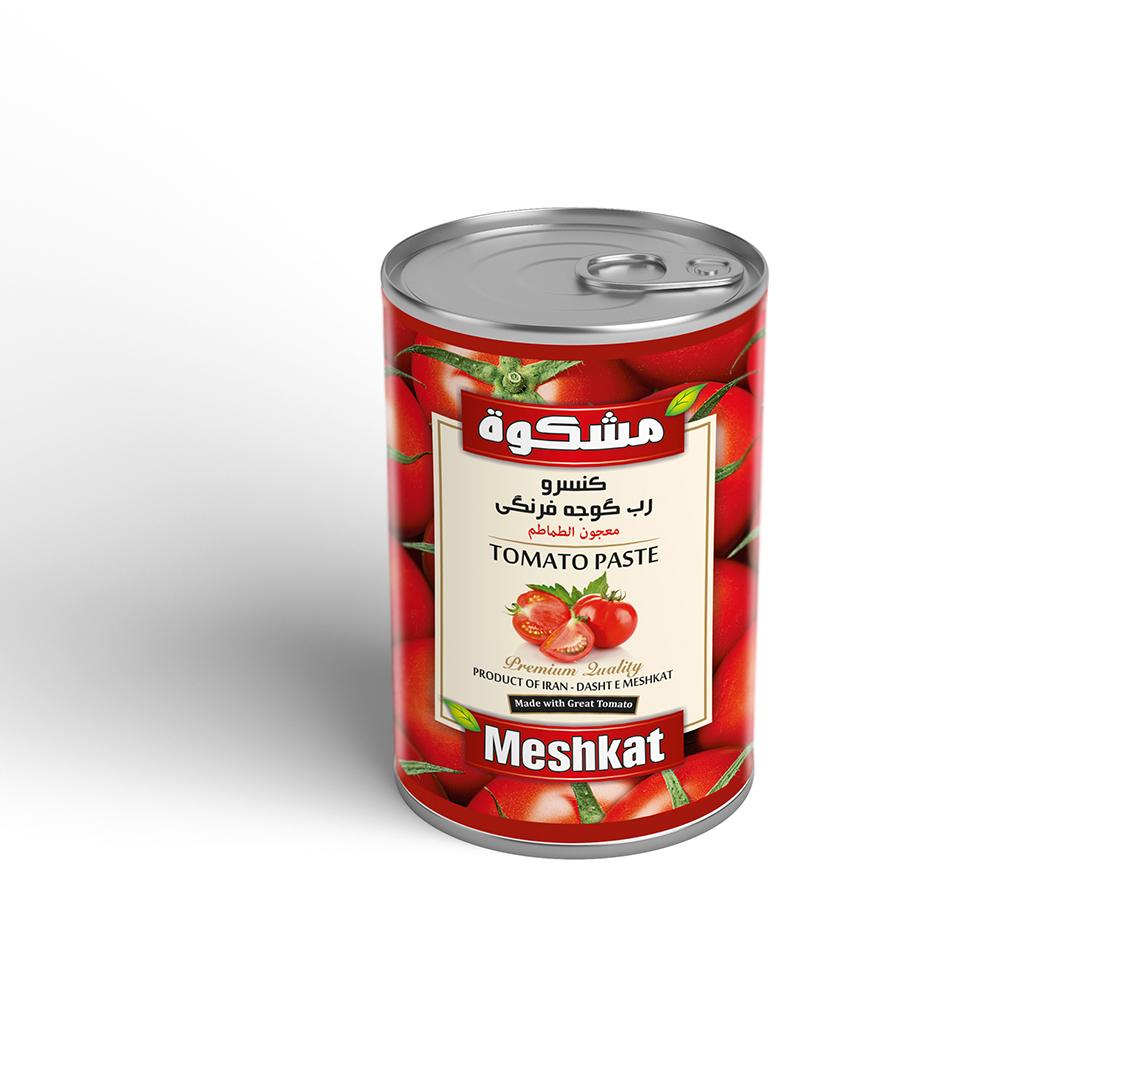 کنسرو رب گوجه فرنگی 400گرم مشکوة